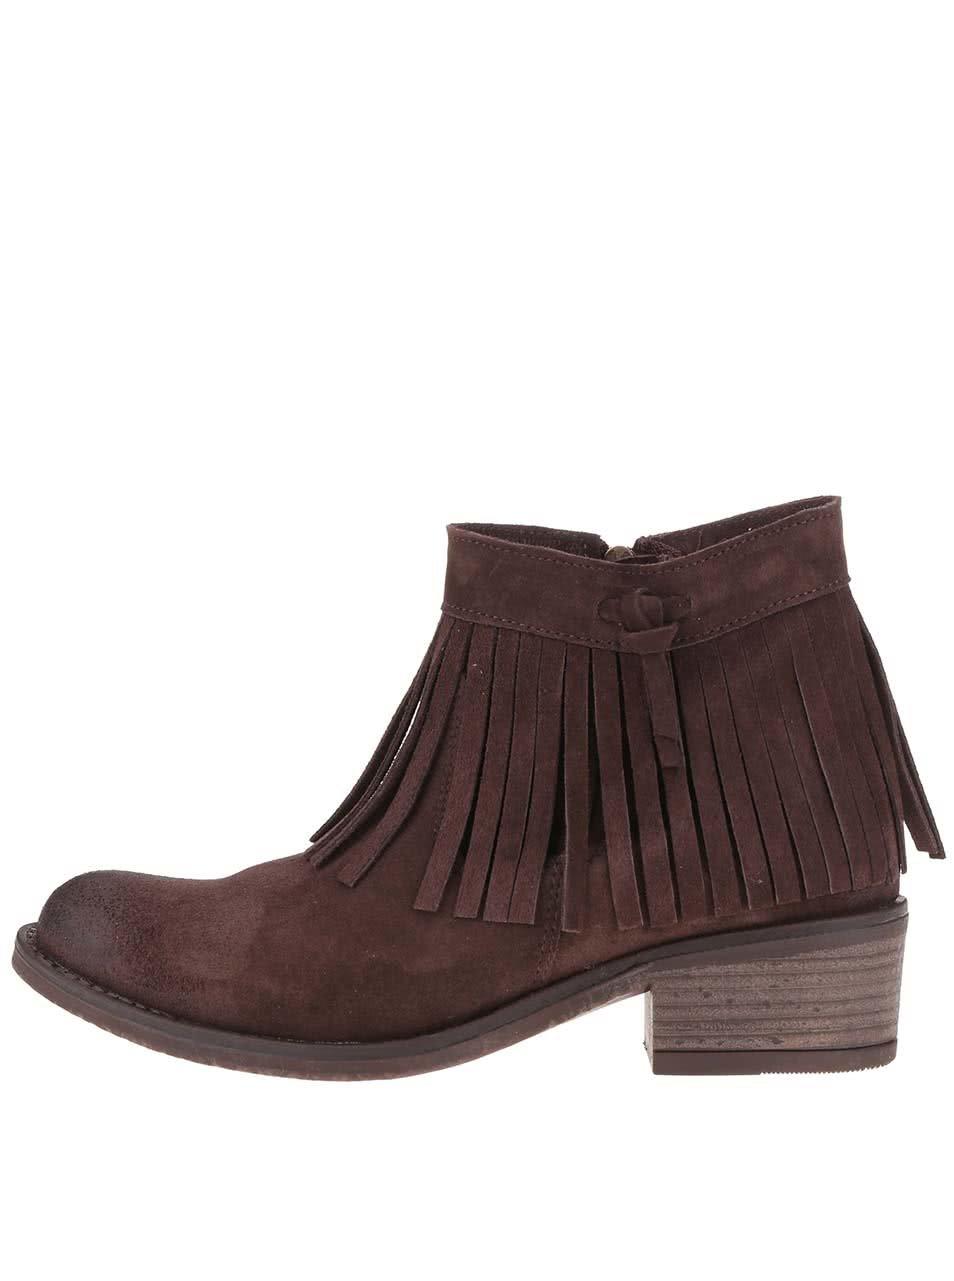 236aa5510b01 Hnedé kožené členkové topánky so strapcami Tamaris ...